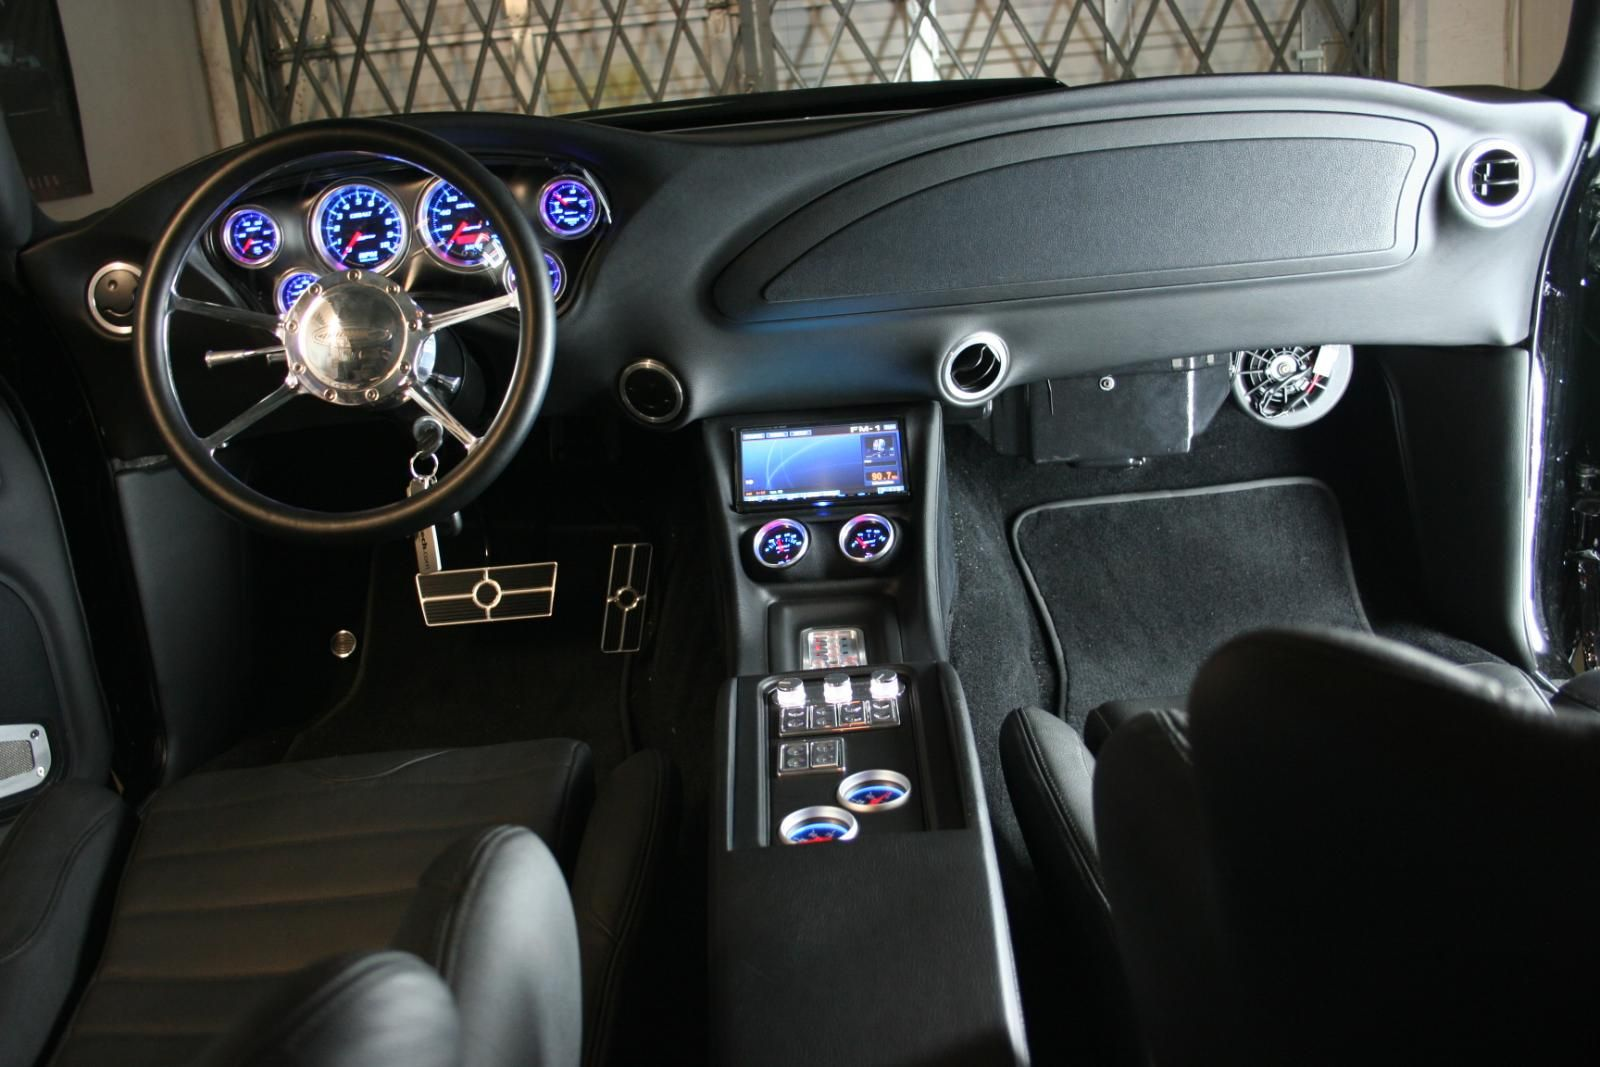 chevelle interior 1970 chevelle custom dash and interior pics [ 1600 x 1067 Pixel ]